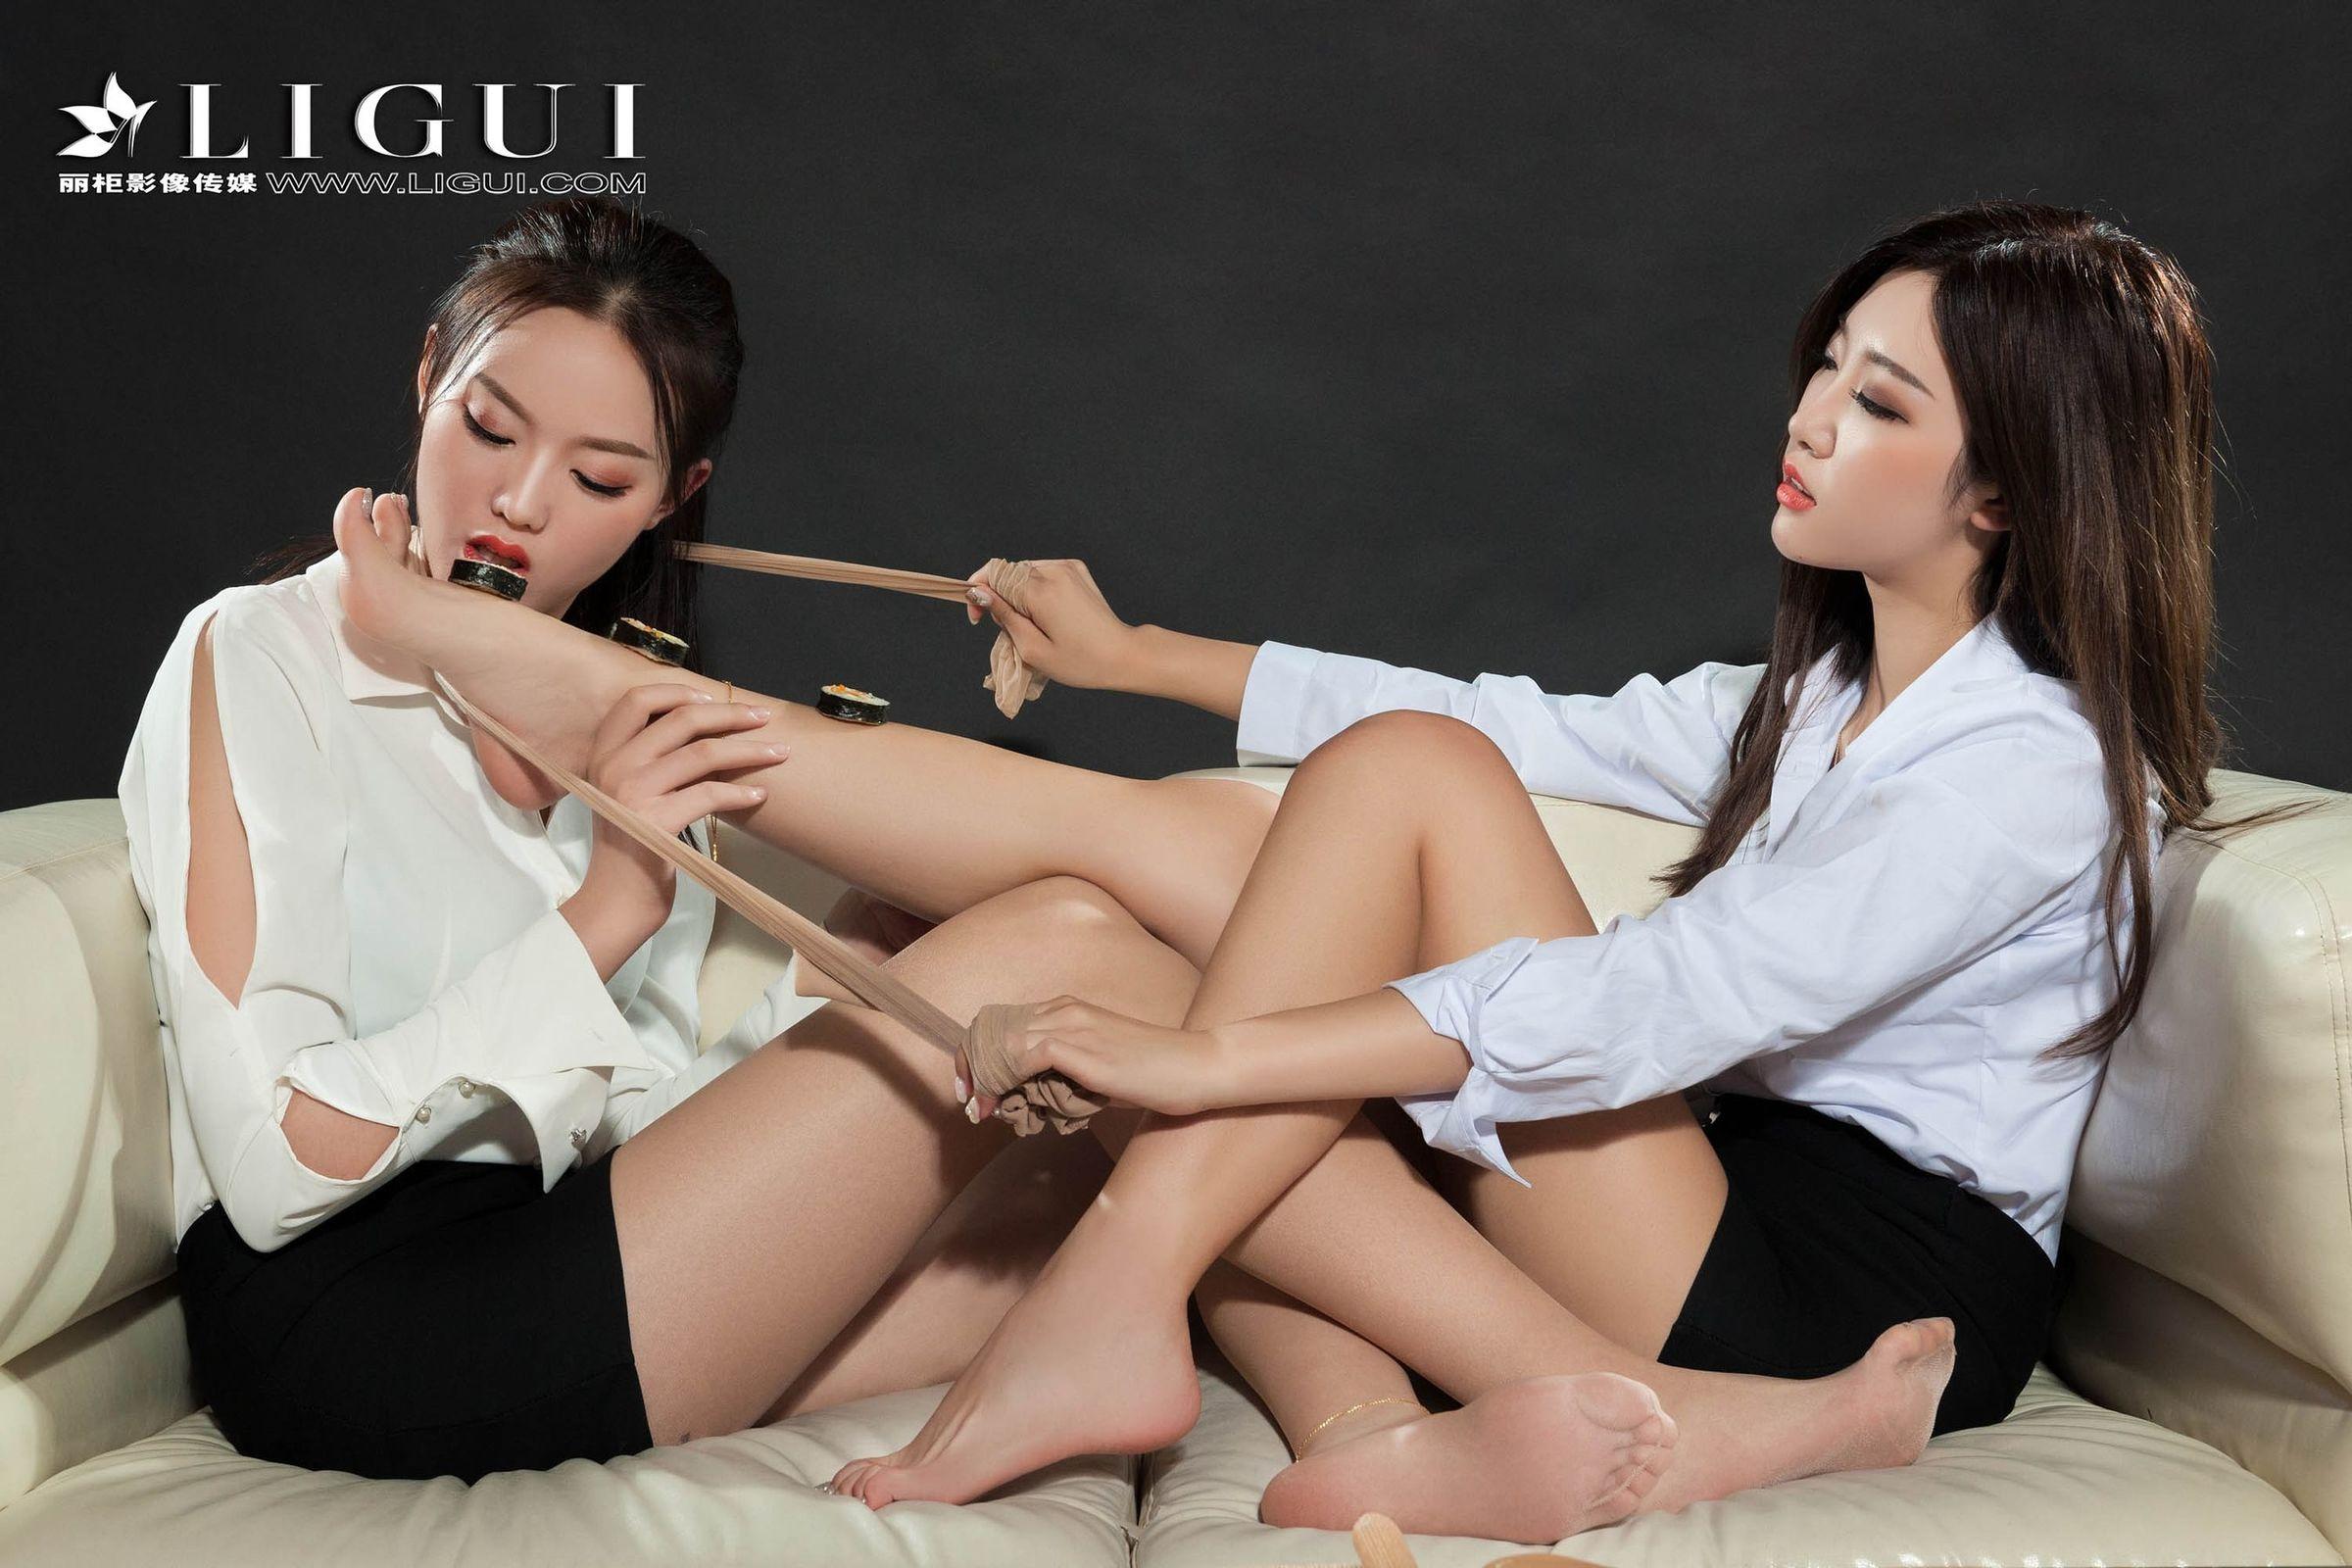 网络丽人 敏儿&筱筱 - 双生姐妹花丝足诱惑